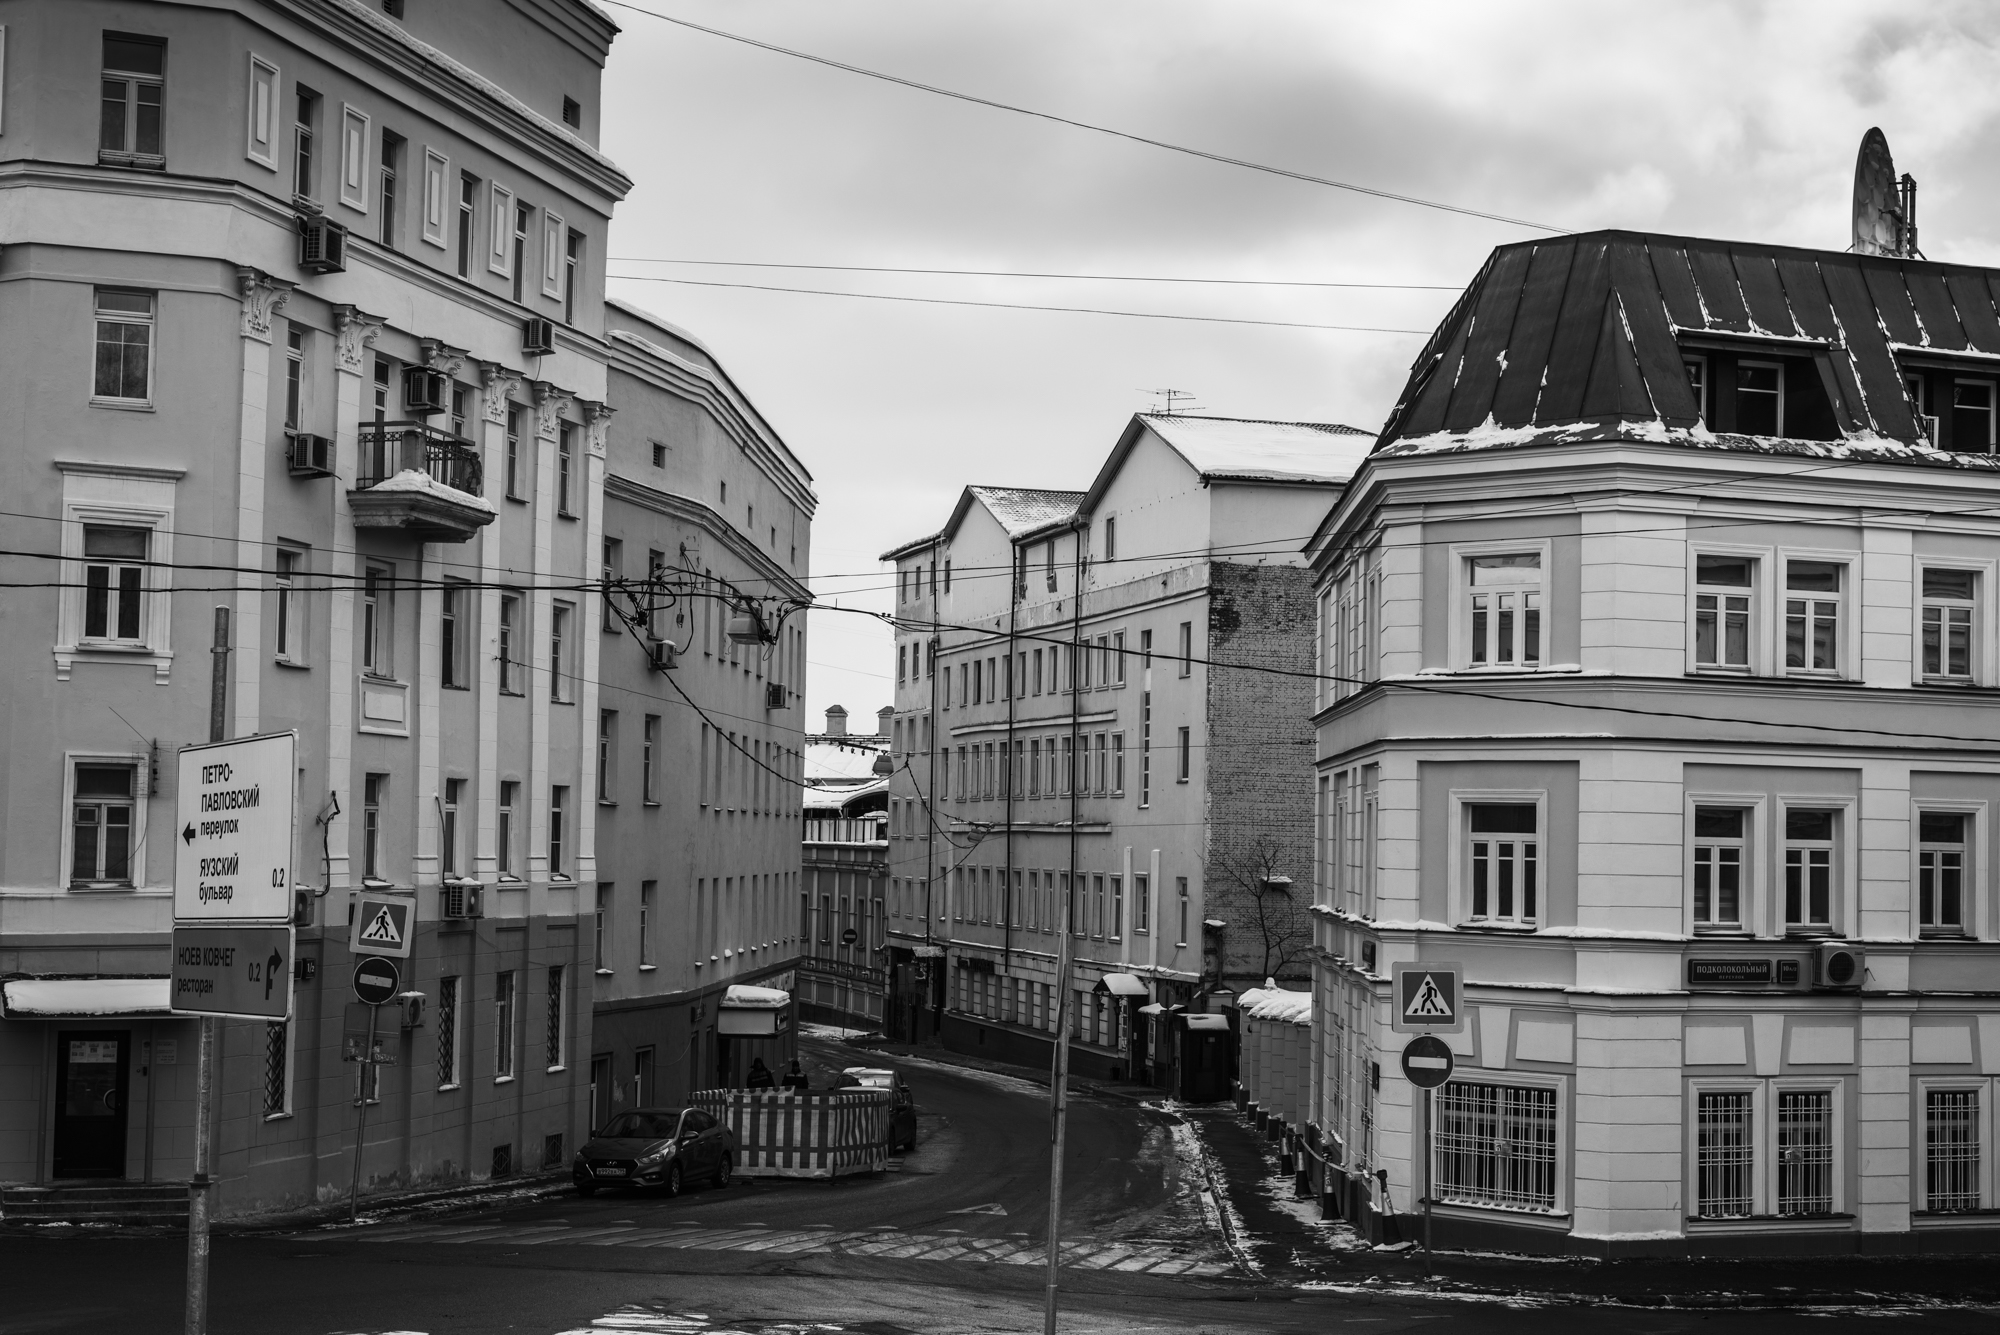 Черно-белая городская фотография